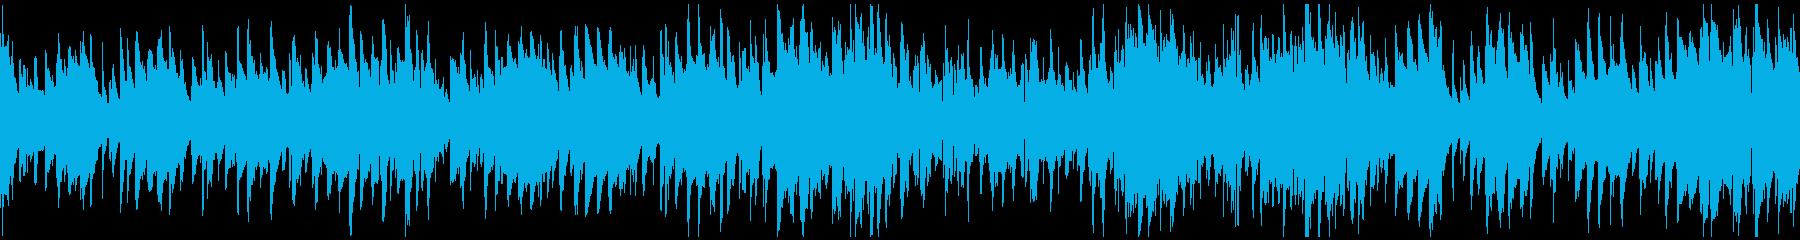 スパイ、ハードボイルド系ジャズ※ループ版の再生済みの波形